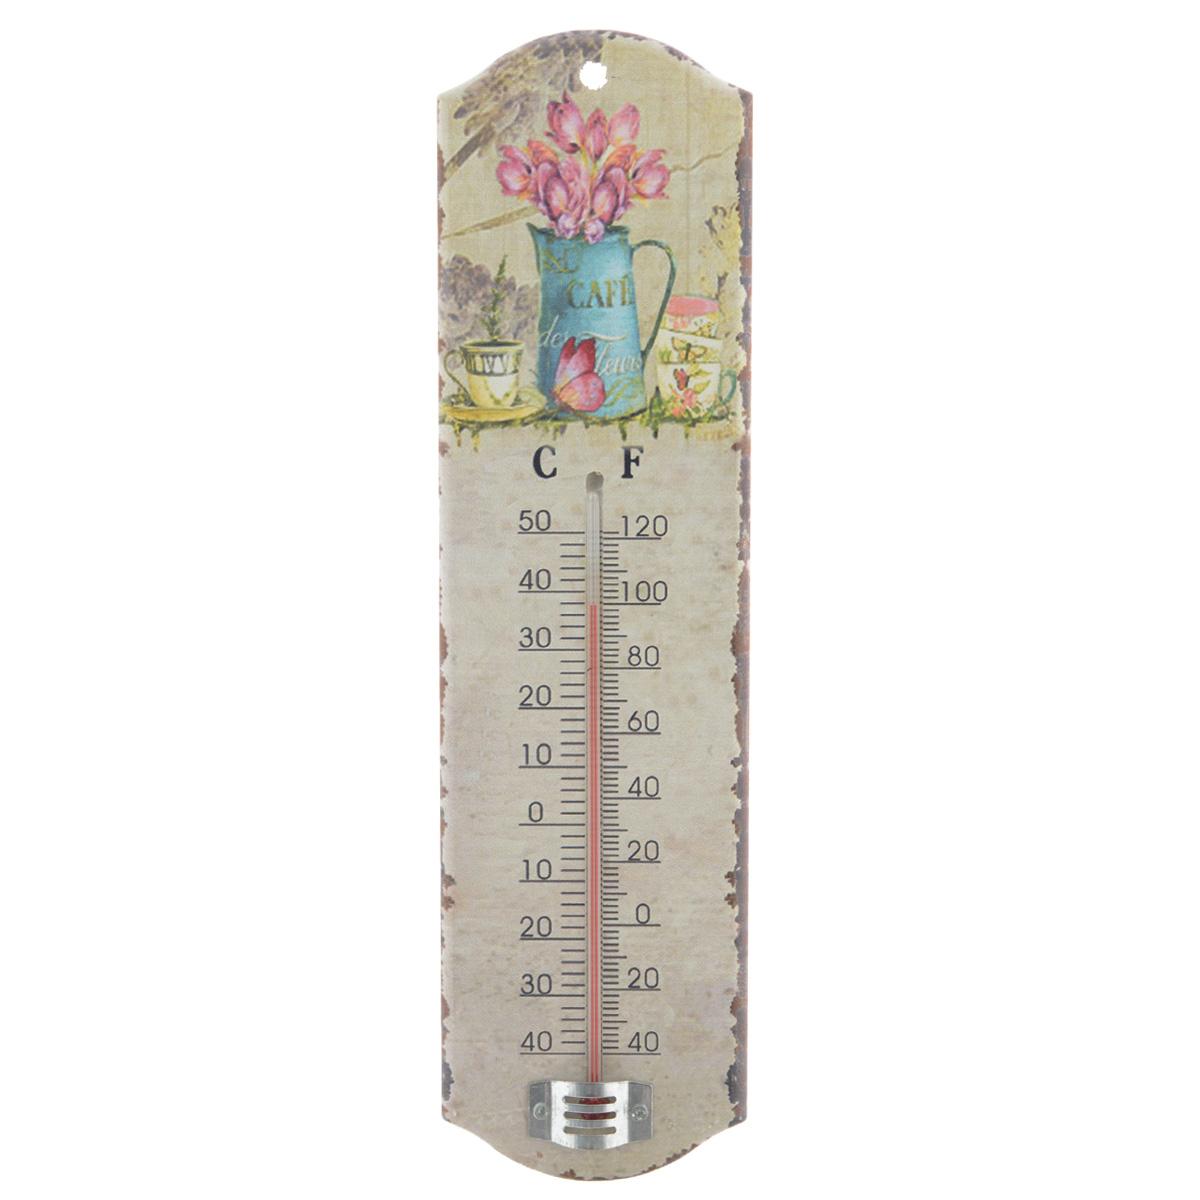 Термометр декоративный Феникс-презент, комнатный. 3374033740Комнатный термометр Феникс-презент, изготовленный из МДФ и стекла, декорирован изображением цветов. Термометр имеет шкалу измерения температуры по Цельсию (-40°С - +50°С) и по Фаренгейту (-40°F - +120°F). Благодаря такому термометру вы всегда будете точно знать, насколько тепло в помещении. Изделие оснащено специальным отверстием для подвешивания. Оригинальный дизайн не оставит равнодушным никого. Термометр удачно впишется в обстановку жилого помещения, гаража или беседки. Кроме того, это актуальный подарок для человека с хорошим вкусом. Высота градусника: 14,5 см.